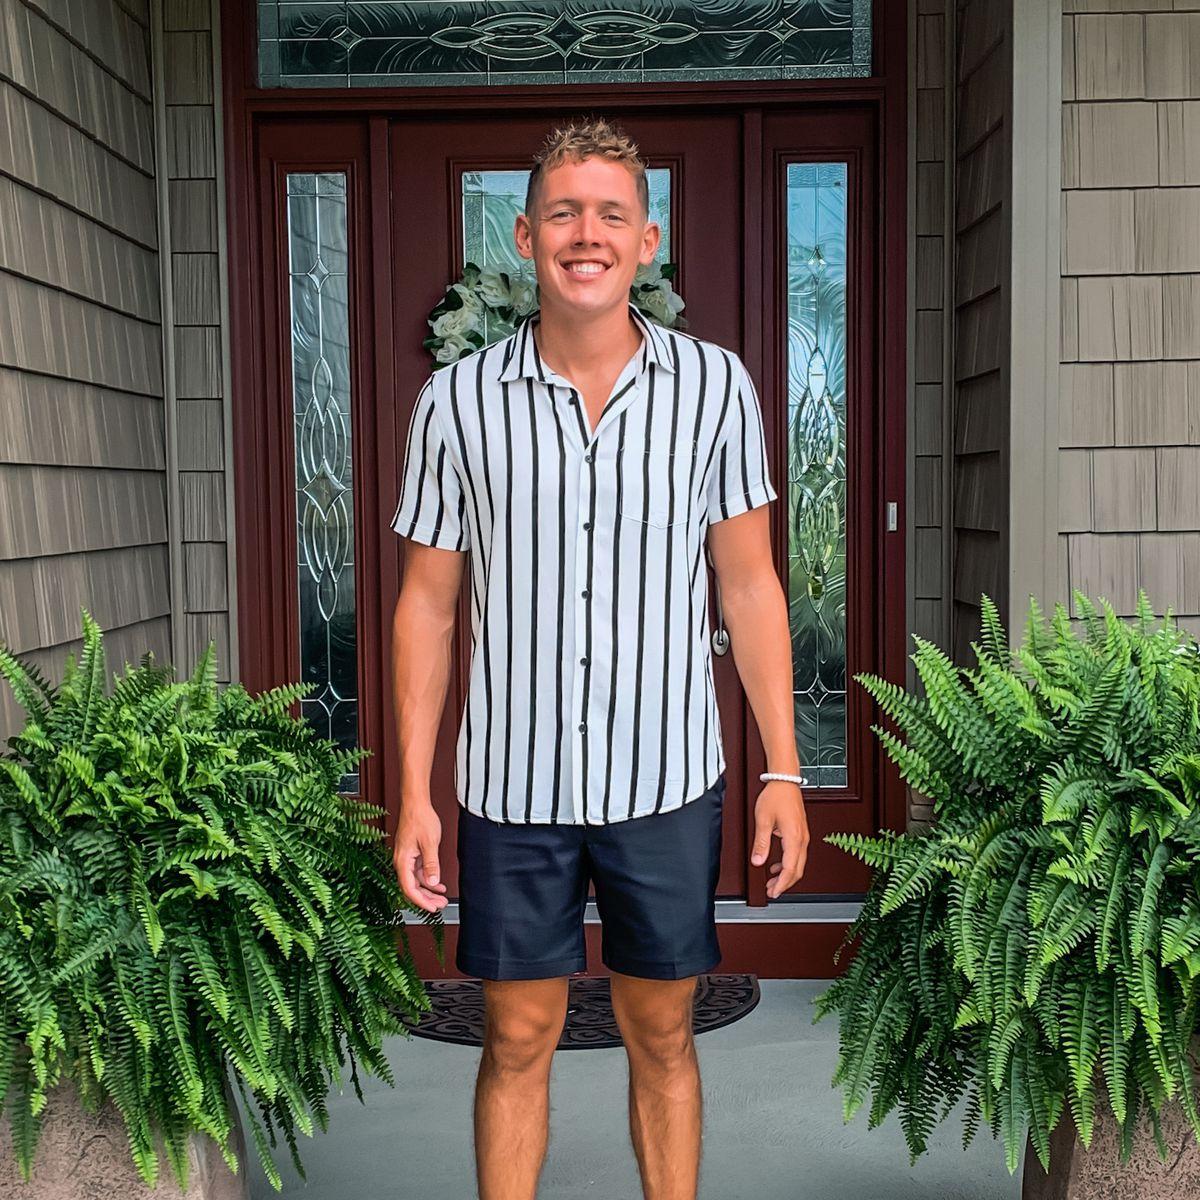 Matt Lynch standing